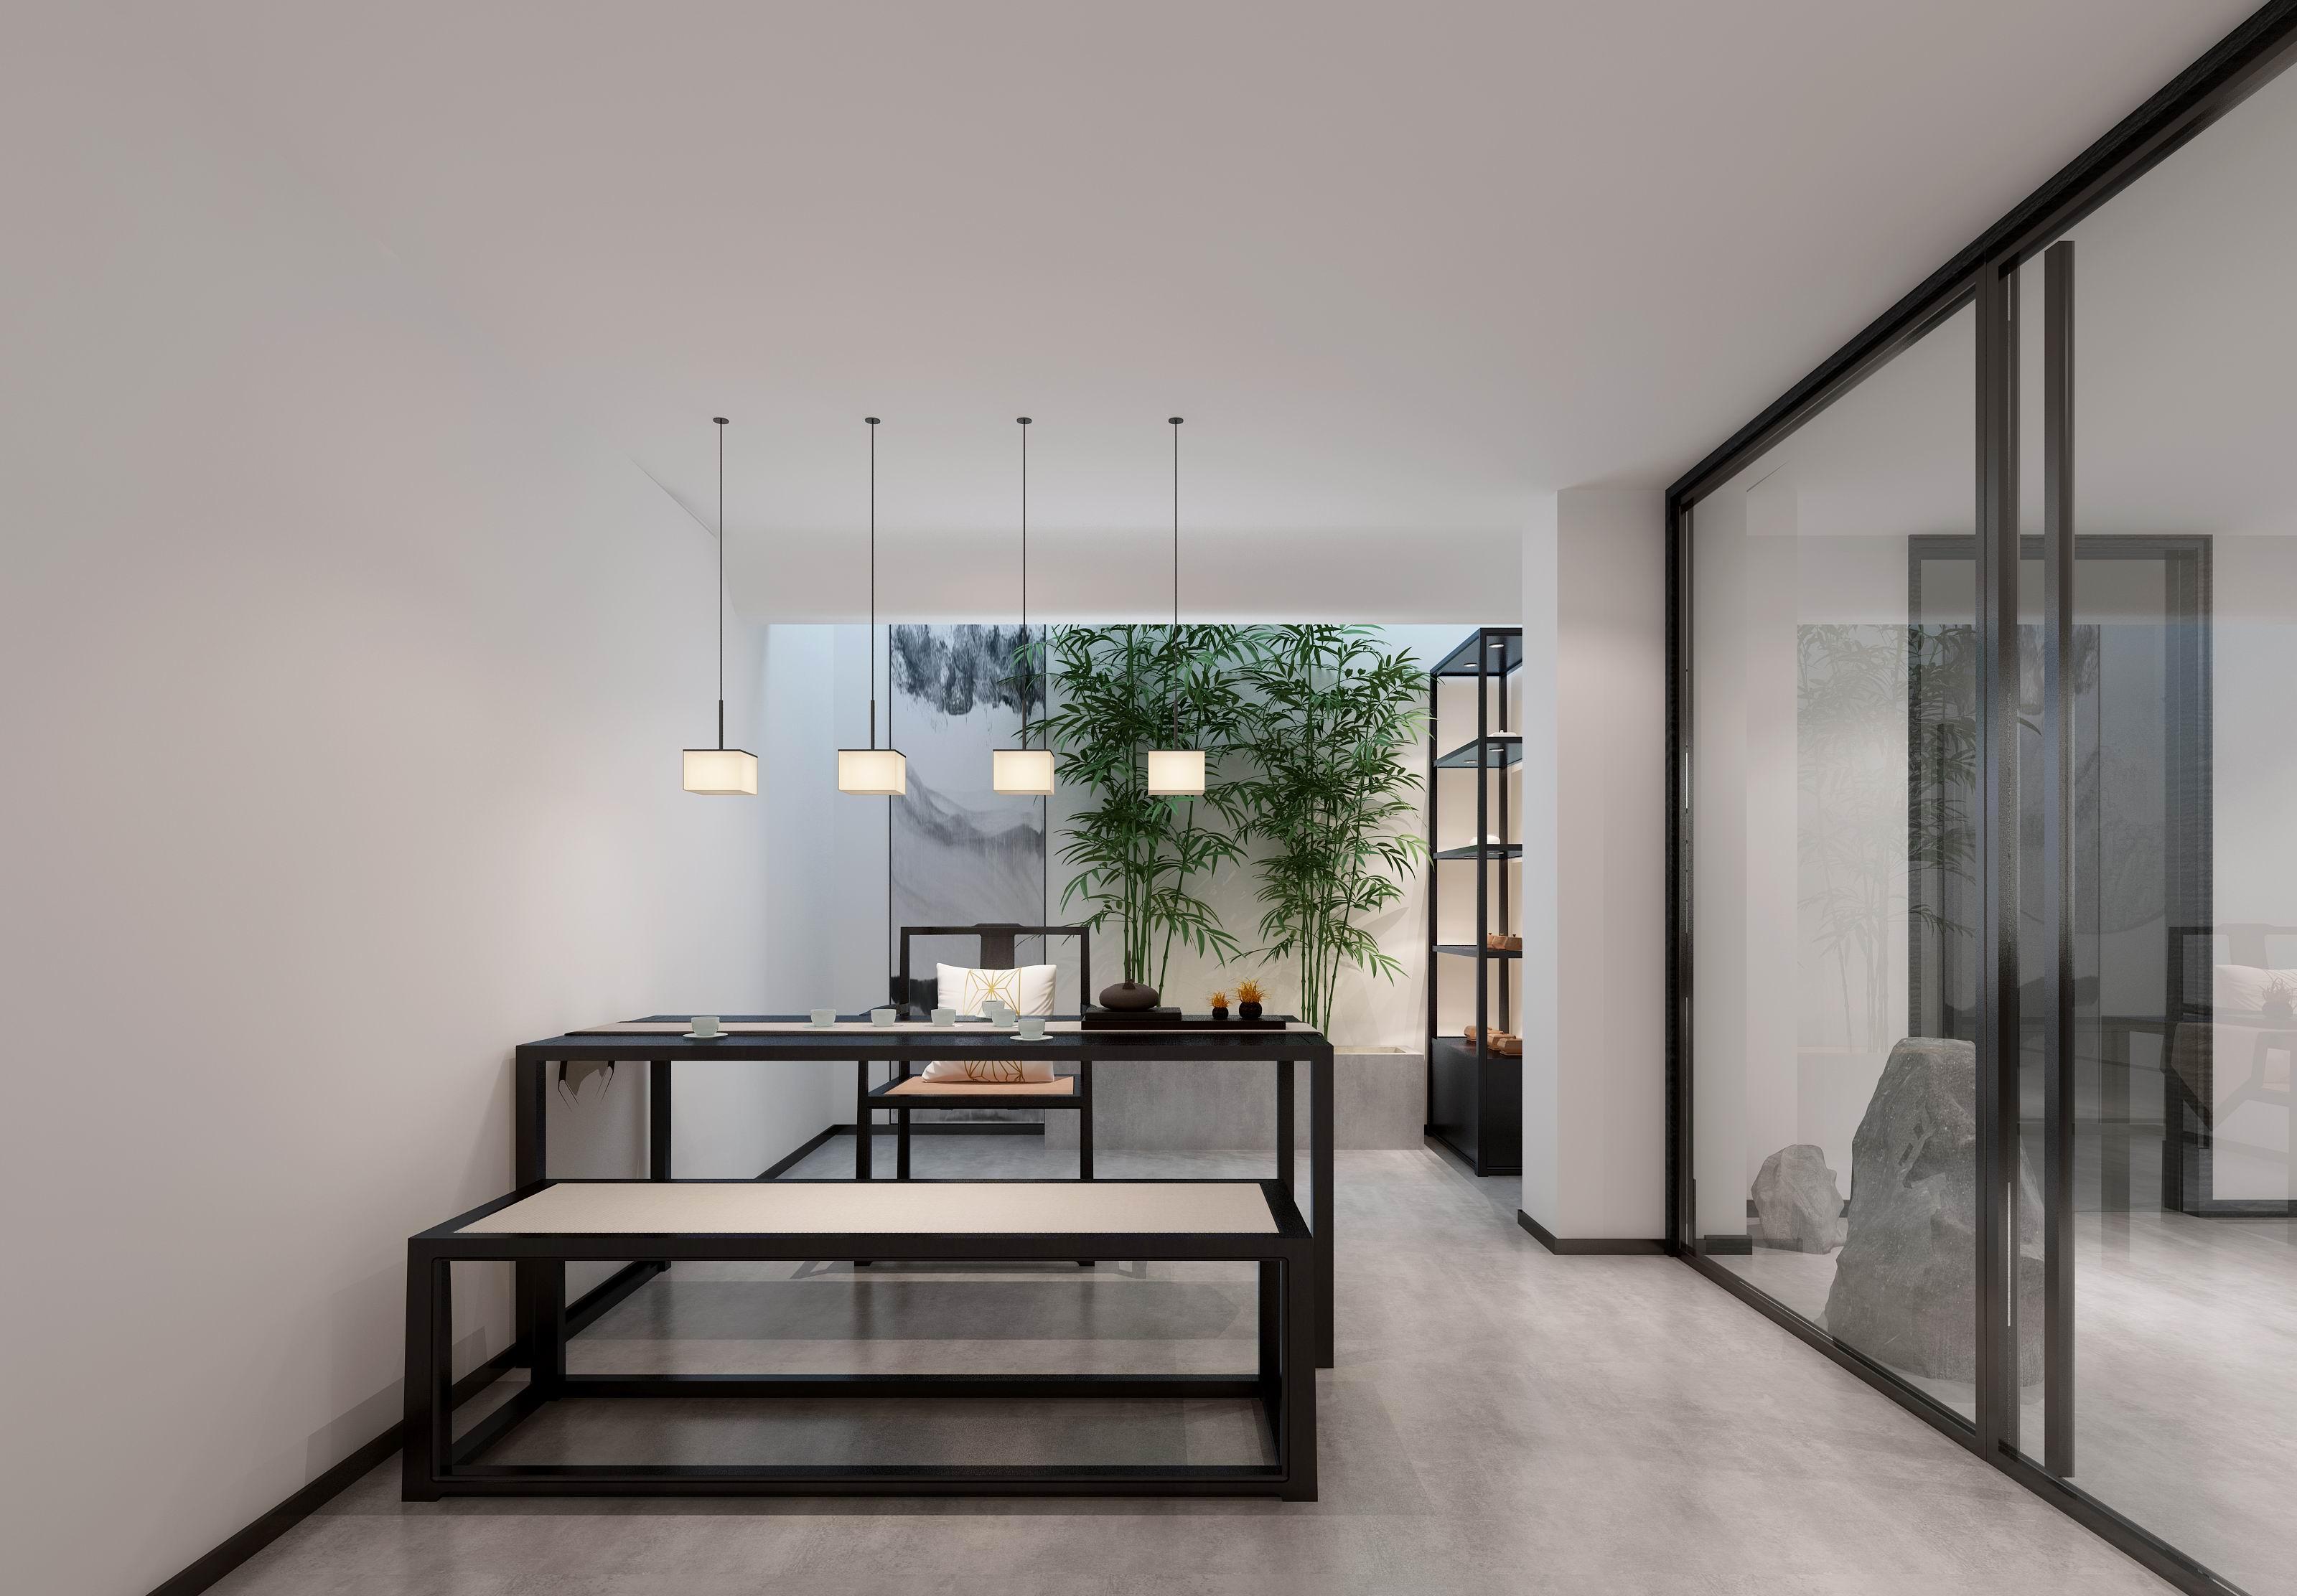 别墅 设计 装修 案例 新中式 茶室图片来自无锡别墅设计s在水岸名府新中式450㎡装修案例的分享